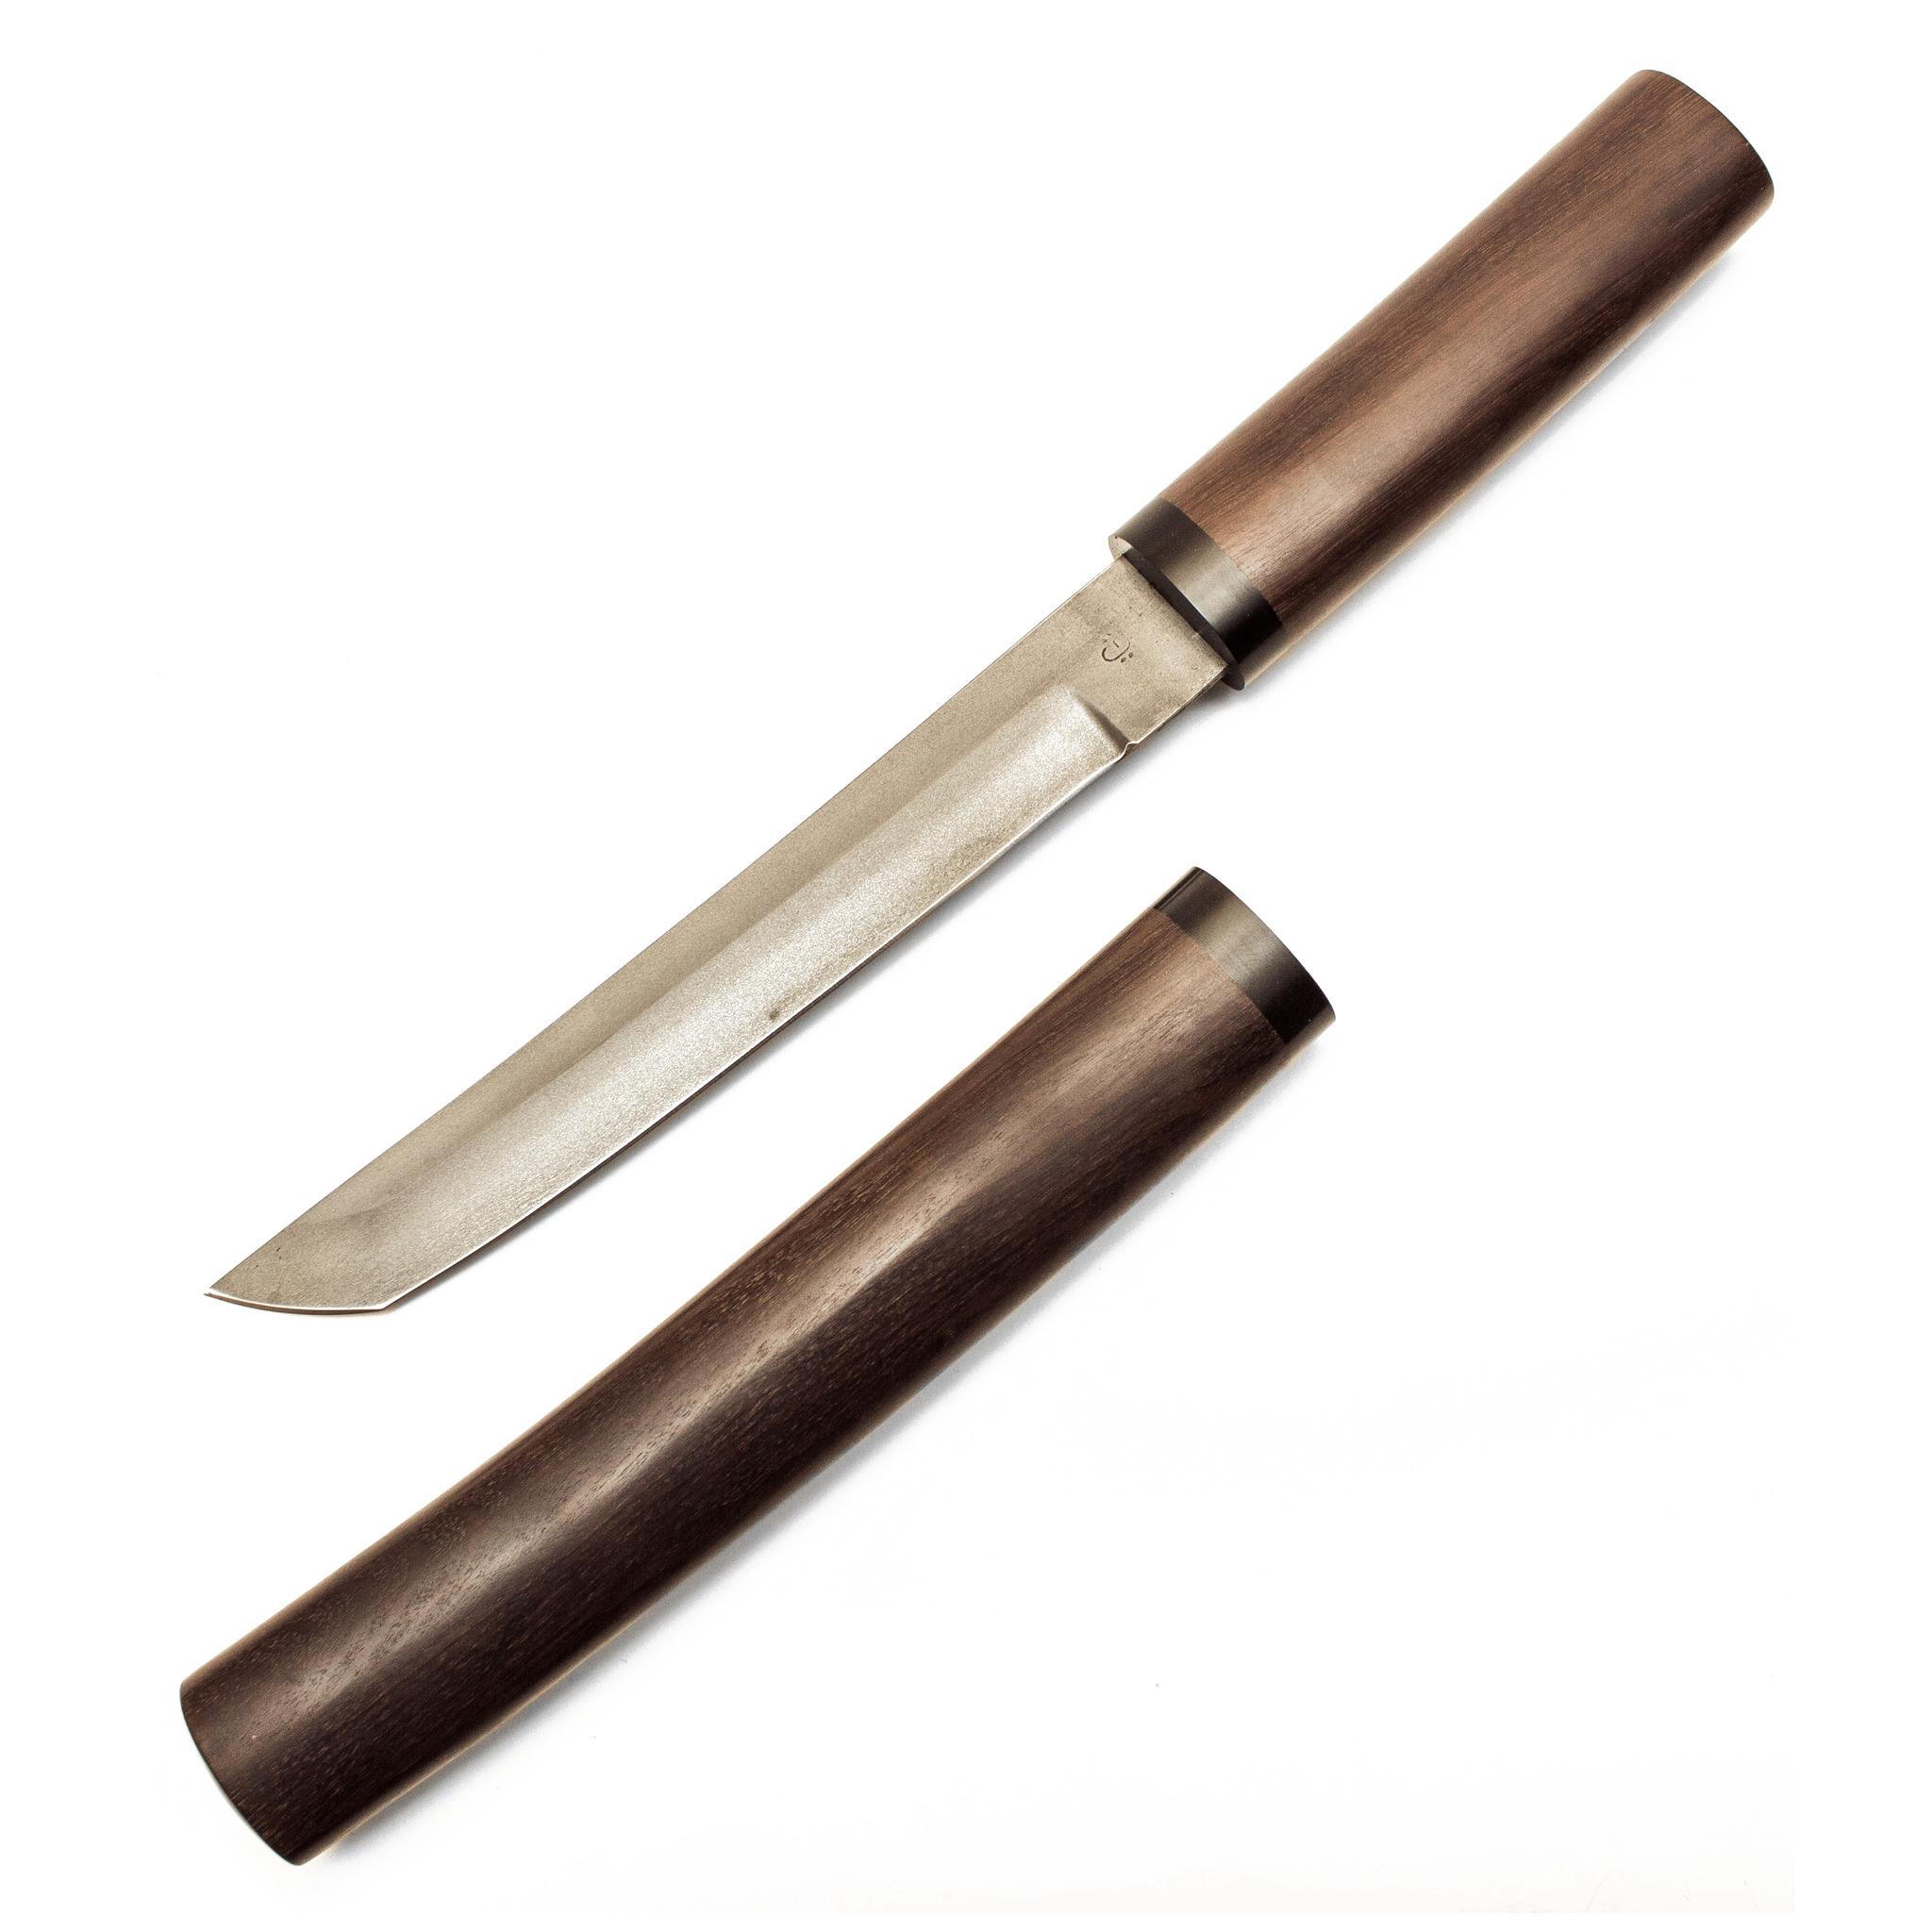 Нож Танто, сталь х12мф, 330 мм от Александр Гебо